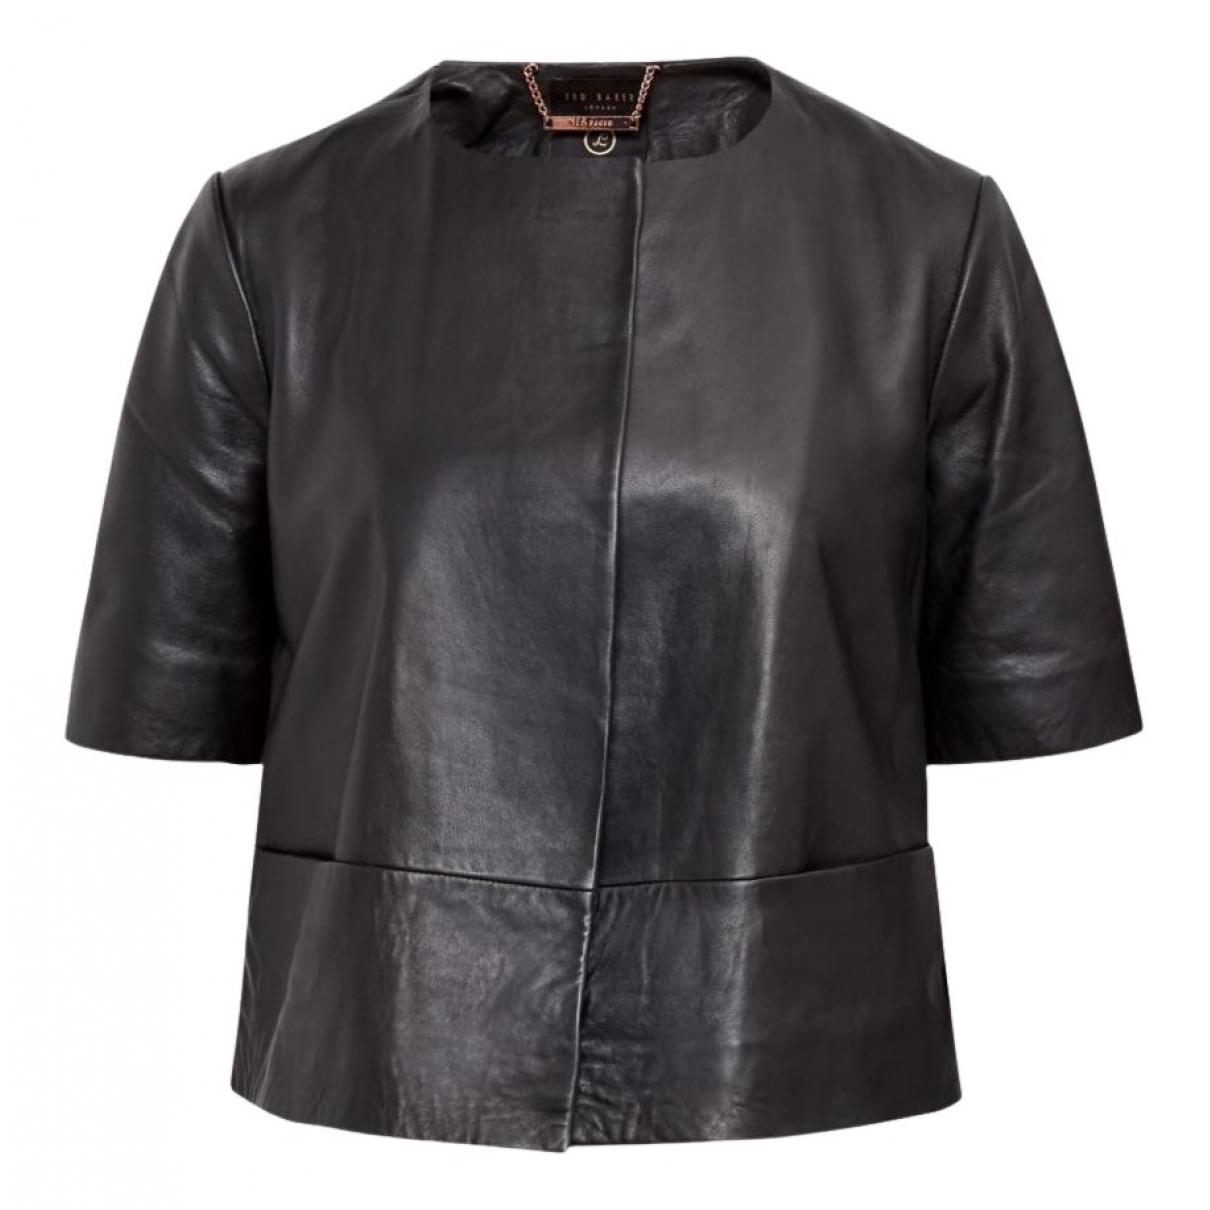 Ted Baker - Veste   pour femme en cuir - noir